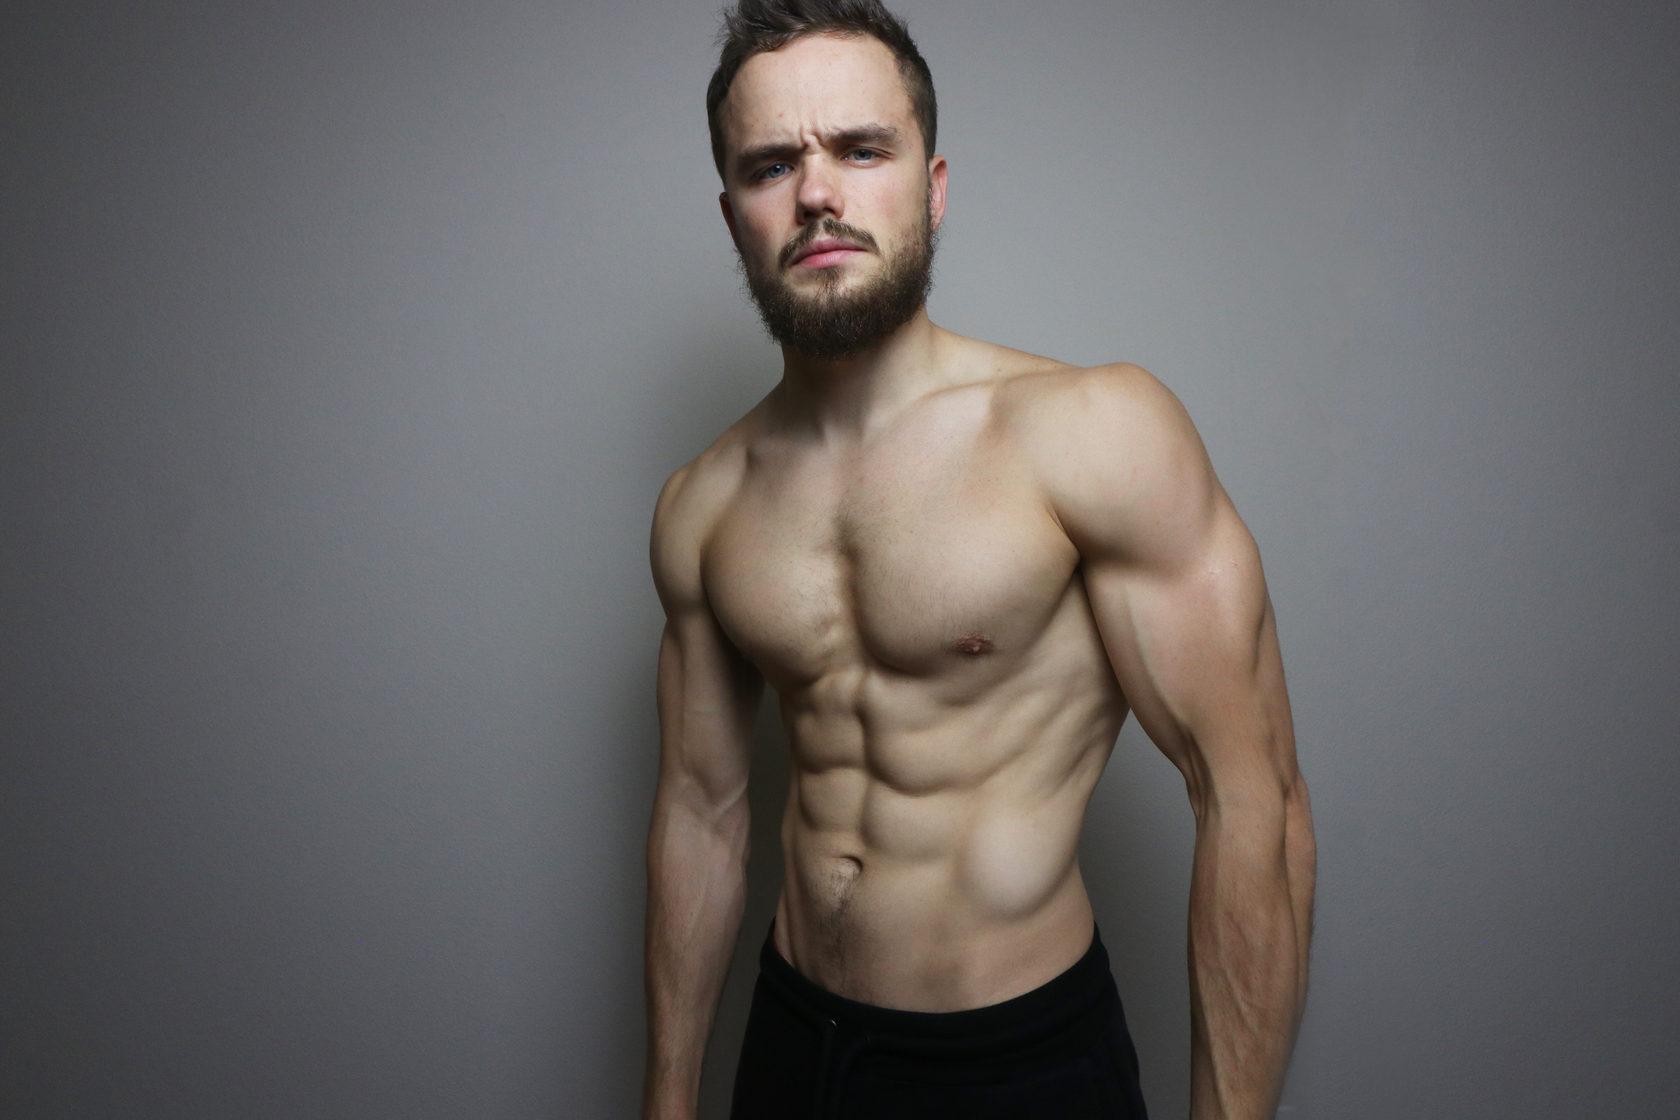 Free YouTube Workout Programs